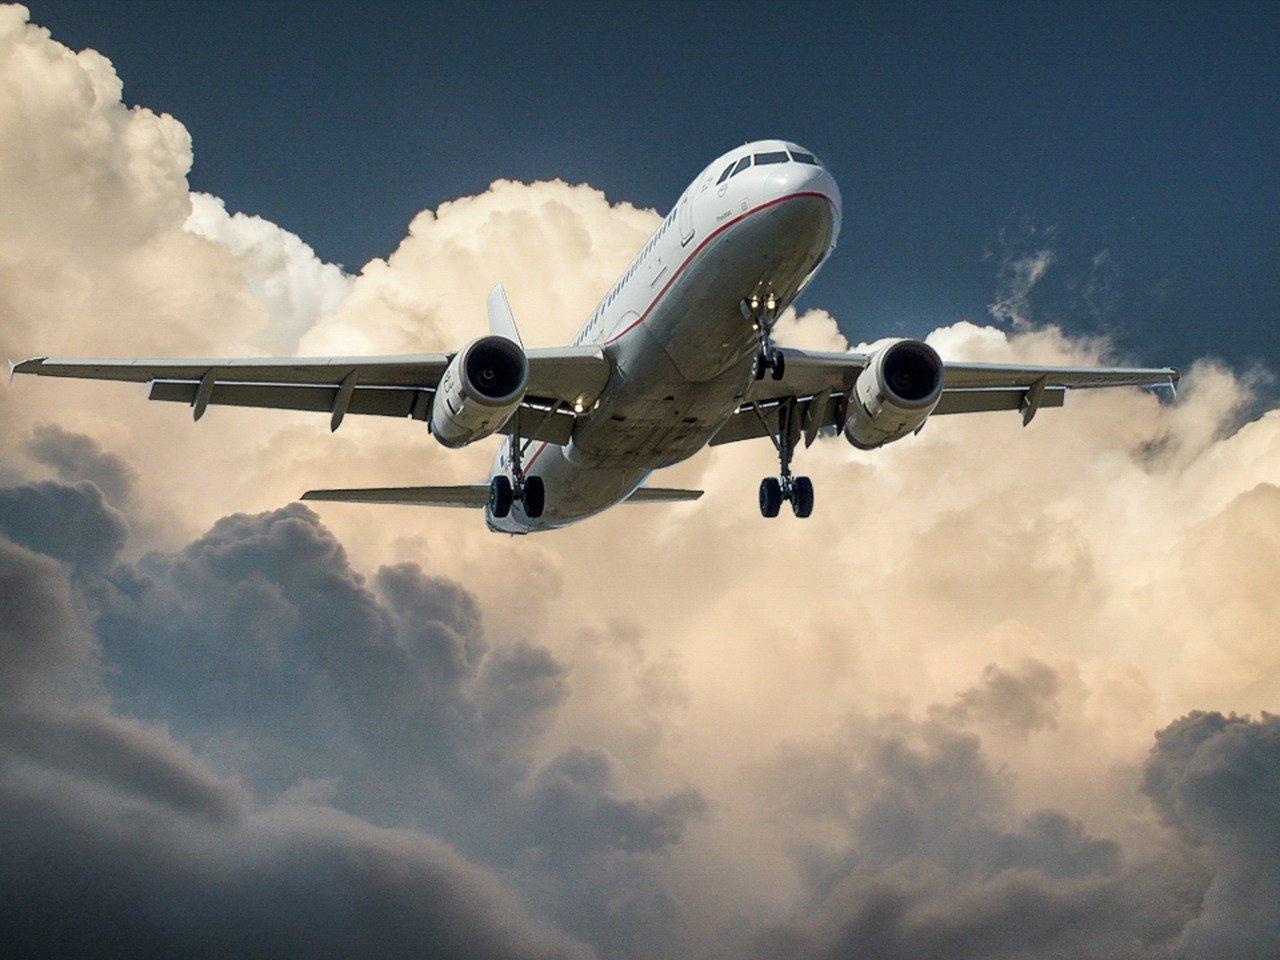 Studium abbrechen und im Flieger sitzen: Flugzeug beim Start am Himmel, Wolken im Hintergrund